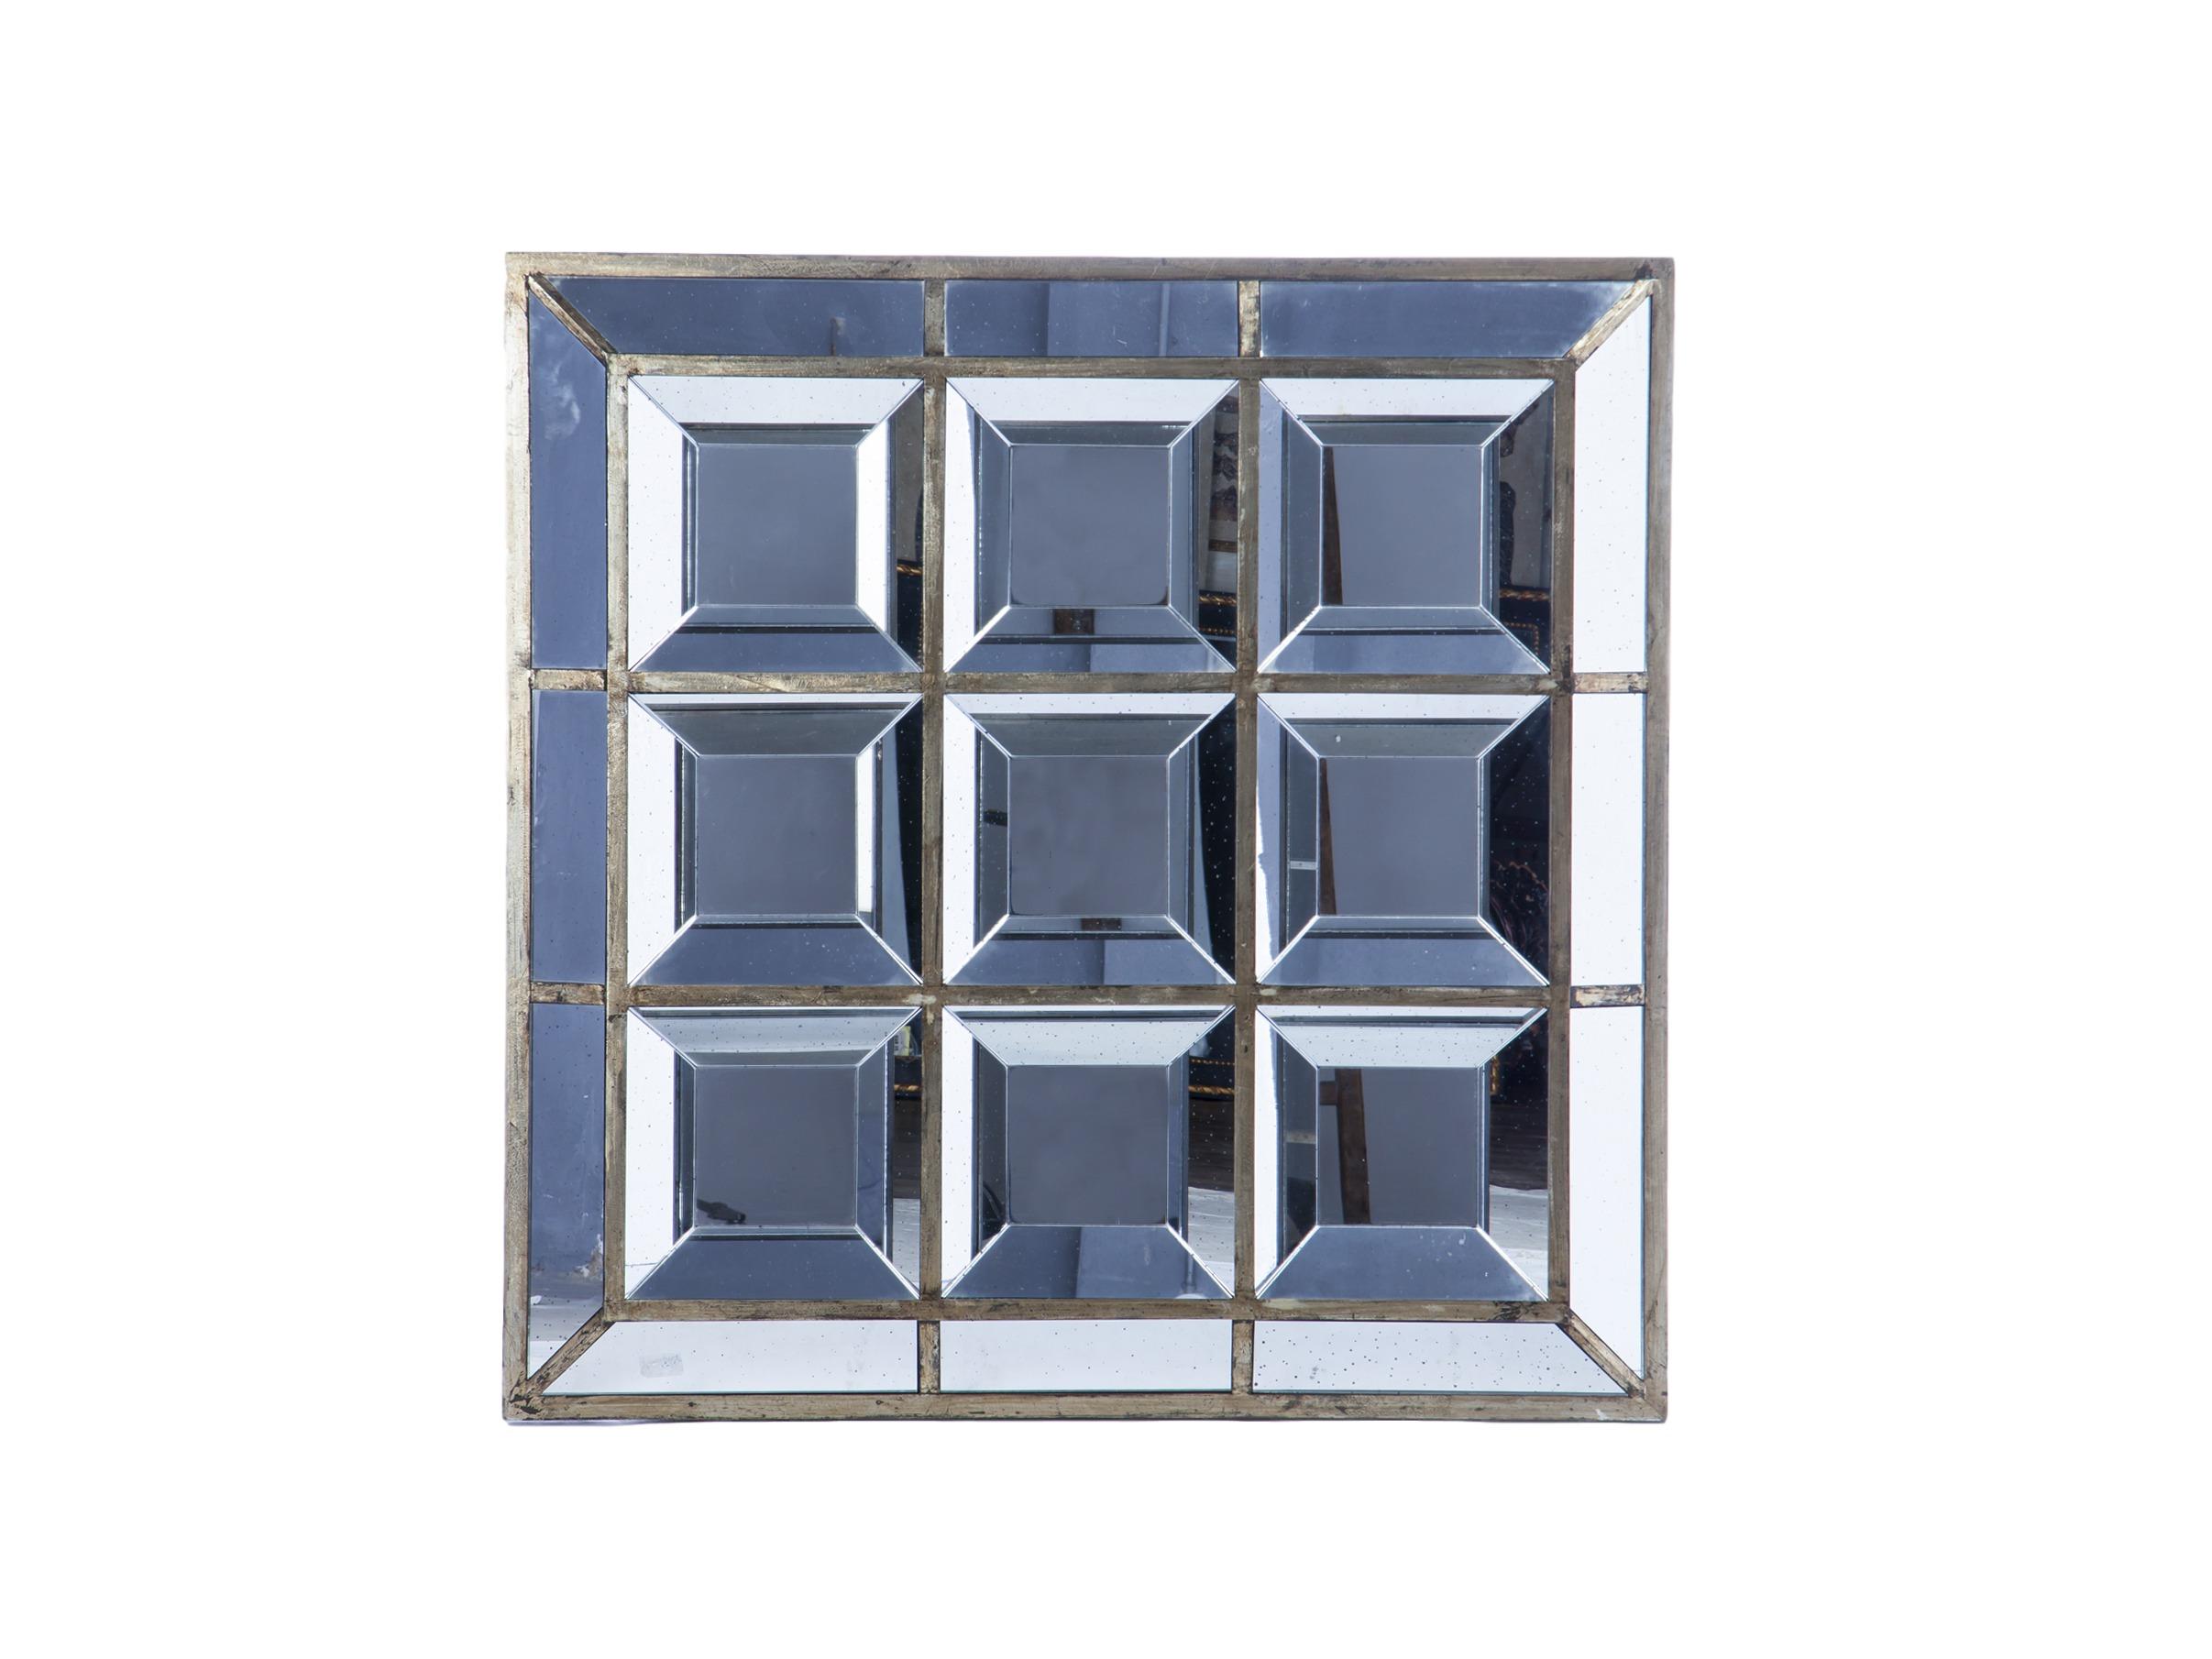 Зеркало декоративноеНастенные зеркала<br>Декоративное зеркало квадратной формы в стиле арт-деко.&amp;lt;div&amp;gt;&amp;lt;br&amp;gt;&amp;lt;/div&amp;gt;&amp;lt;div&amp;gt;Материал: зеркальное стекло&amp;lt;br&amp;gt;&amp;lt;/div&amp;gt;<br><br>Material: Стекло<br>Width см: 116<br>Depth см: 8<br>Height см: 116